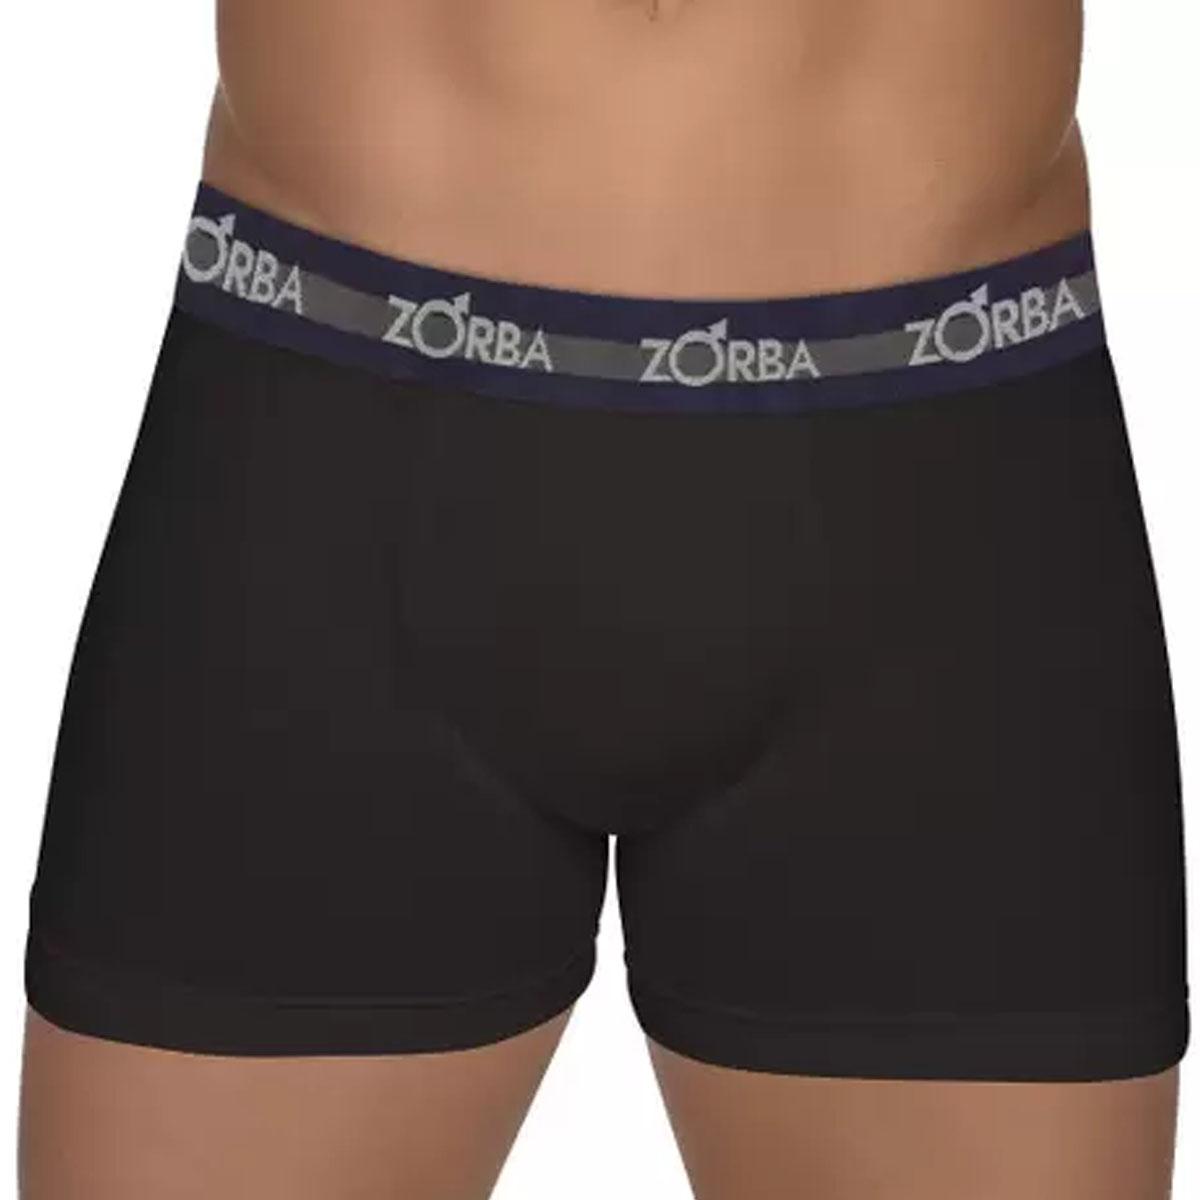 KIT com 2 Cuecas boxer max em algodão masculina Zorba